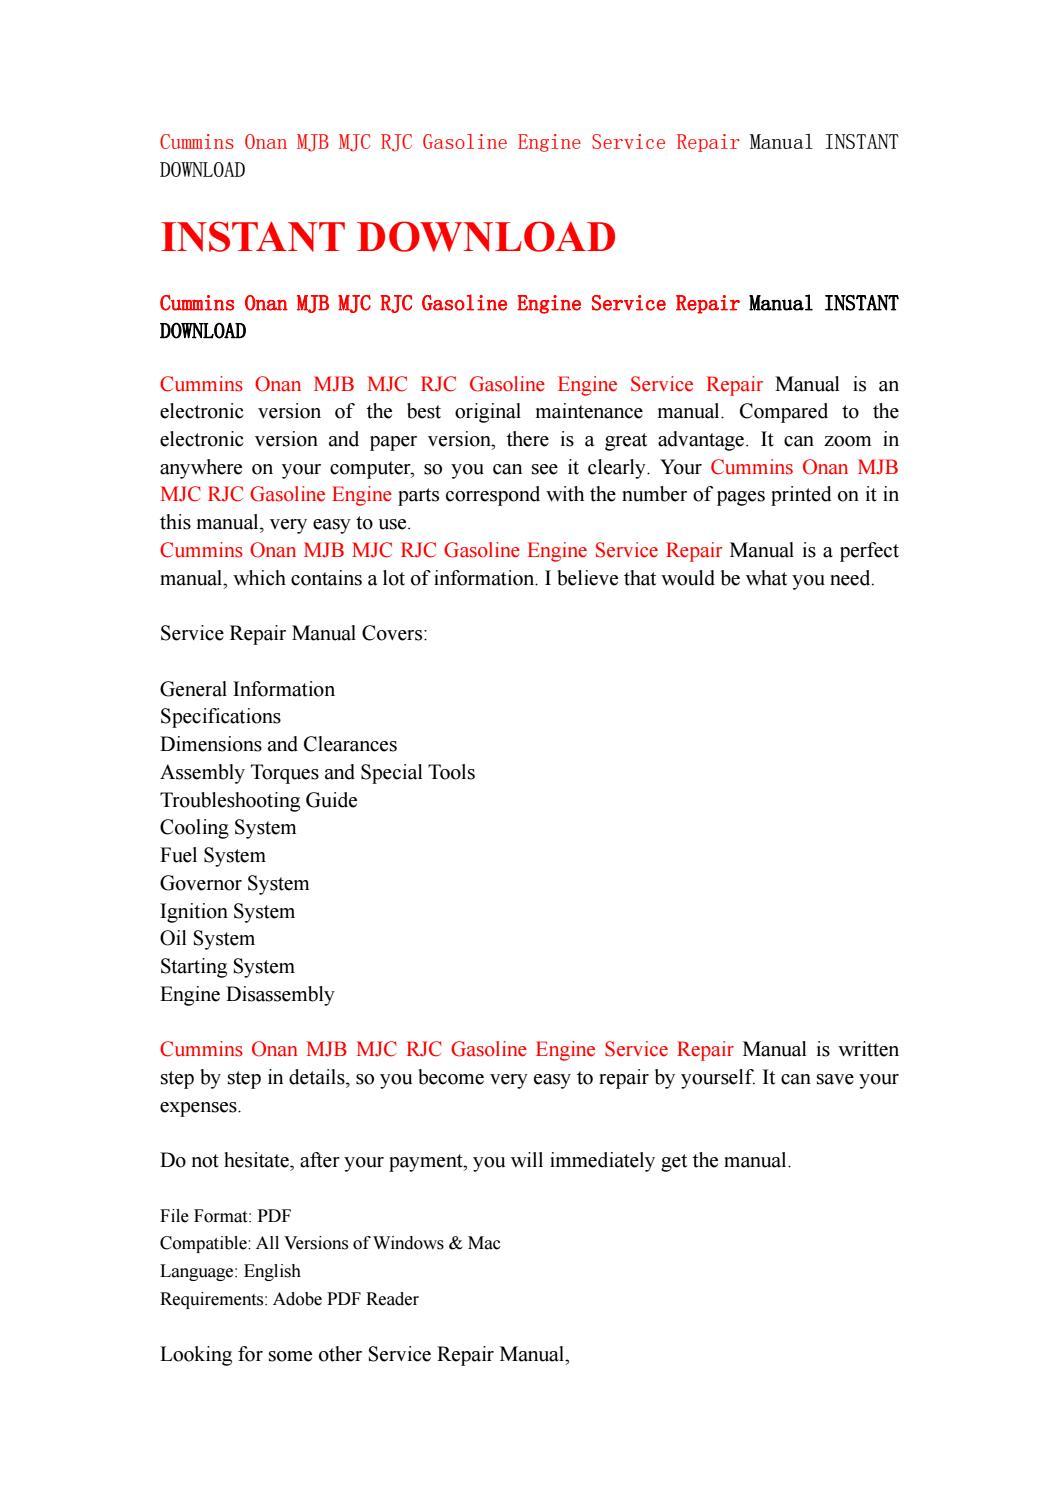 Cummins onan mjb mjc rjc gasoline engine service repair manual instant  download by kmsjefnne - issuu